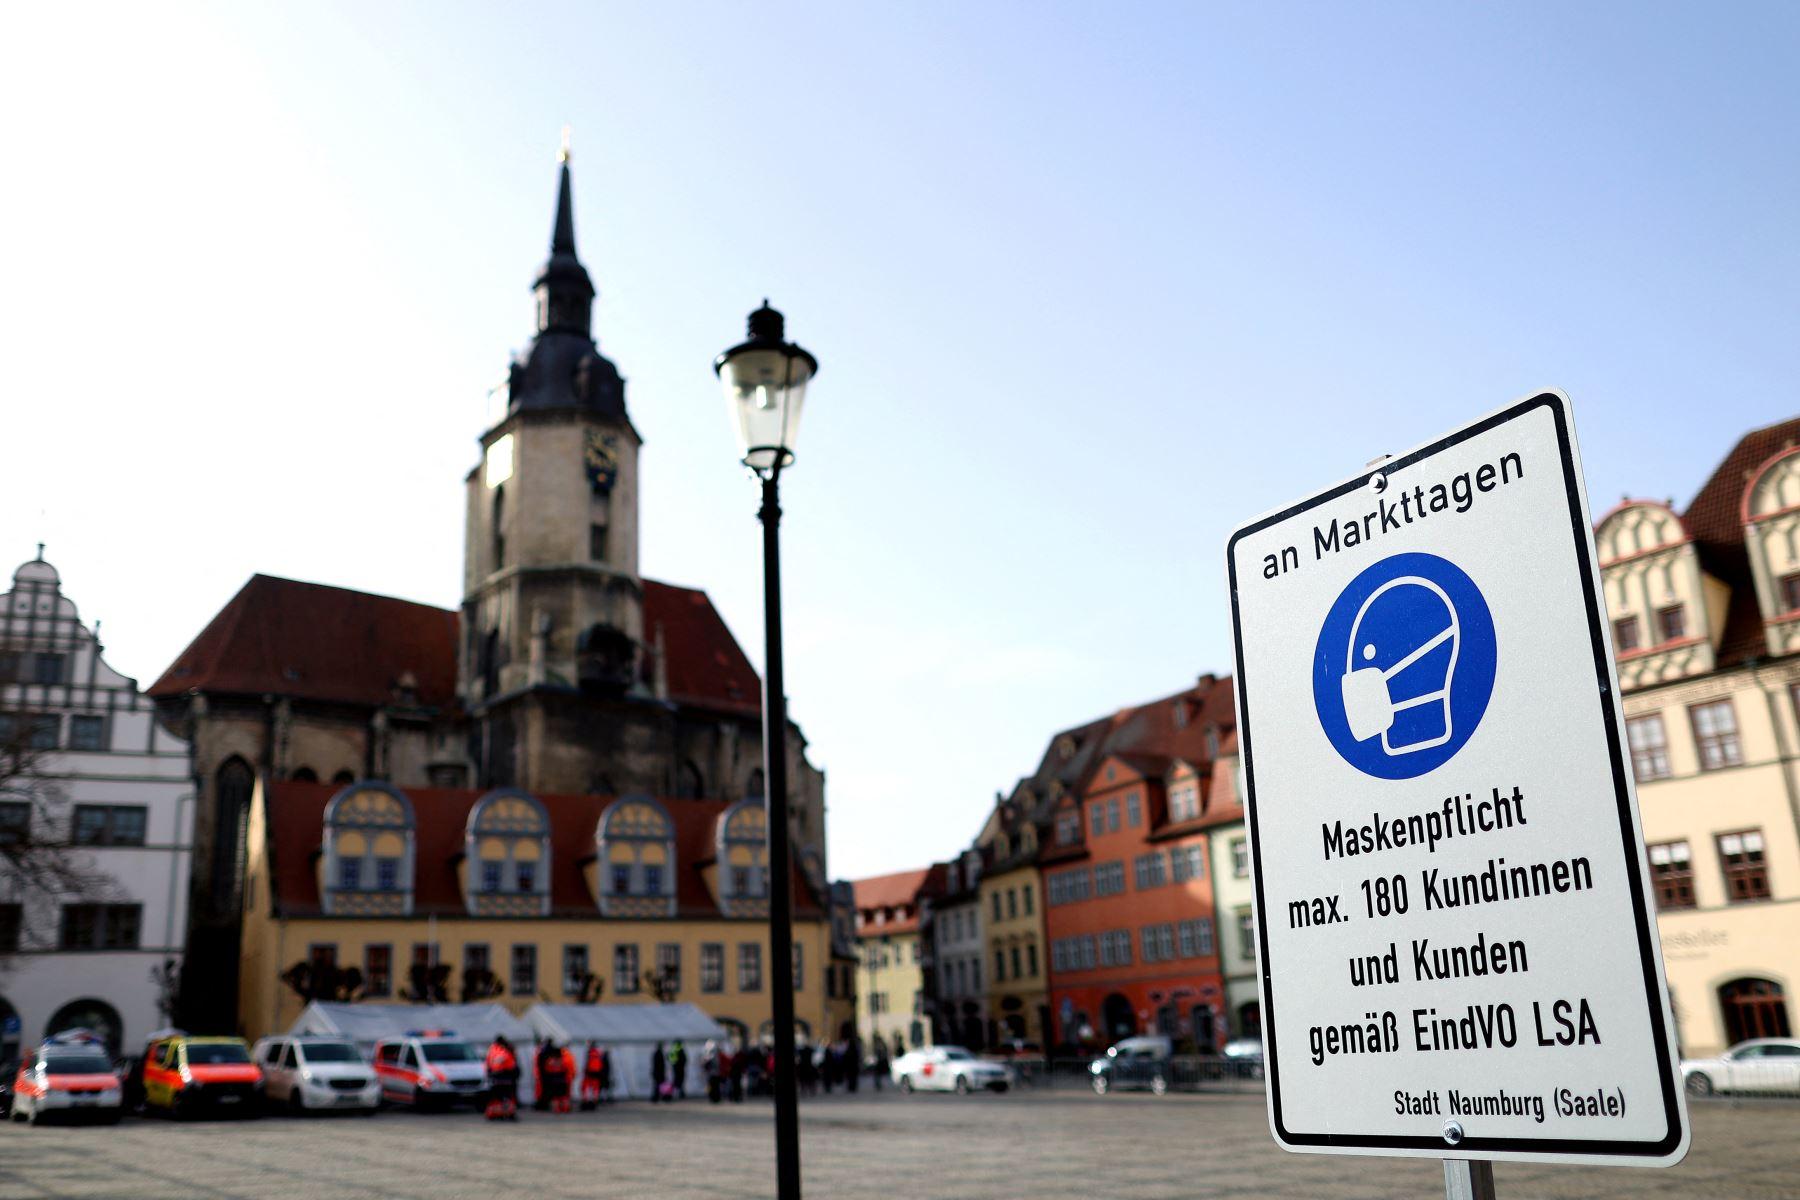 """Un letrero que dice """"uso obligatorio de máscara"""" se ve junto a un centro de pruebas rápidas Covid-19 en el mercado el 3 de febrero de 2021, en Naumburg, Alemania oriental. Foto: AFP"""